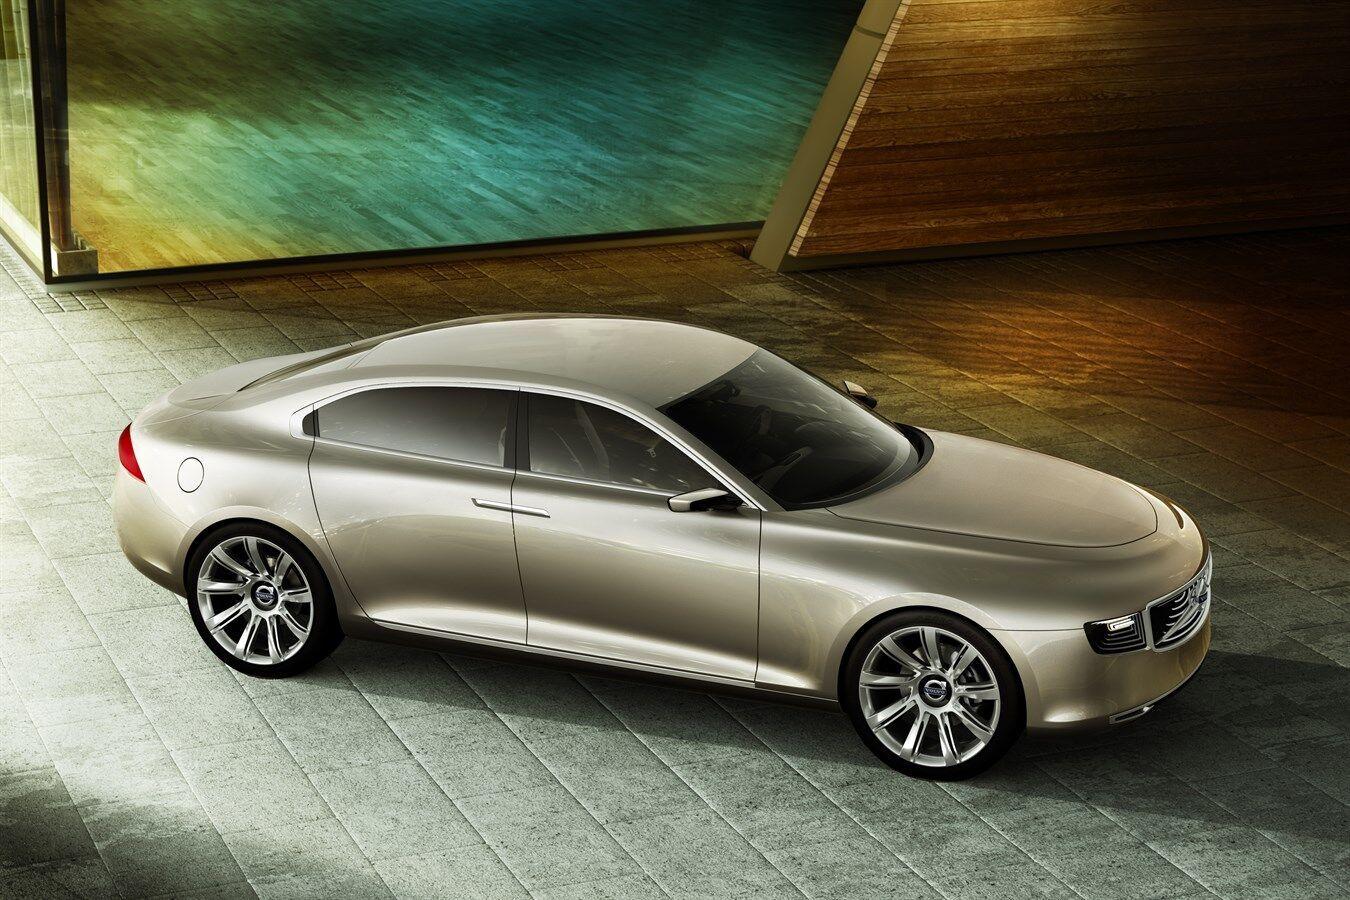 Розкішний седан Volvo так і не вирушив у виробництво